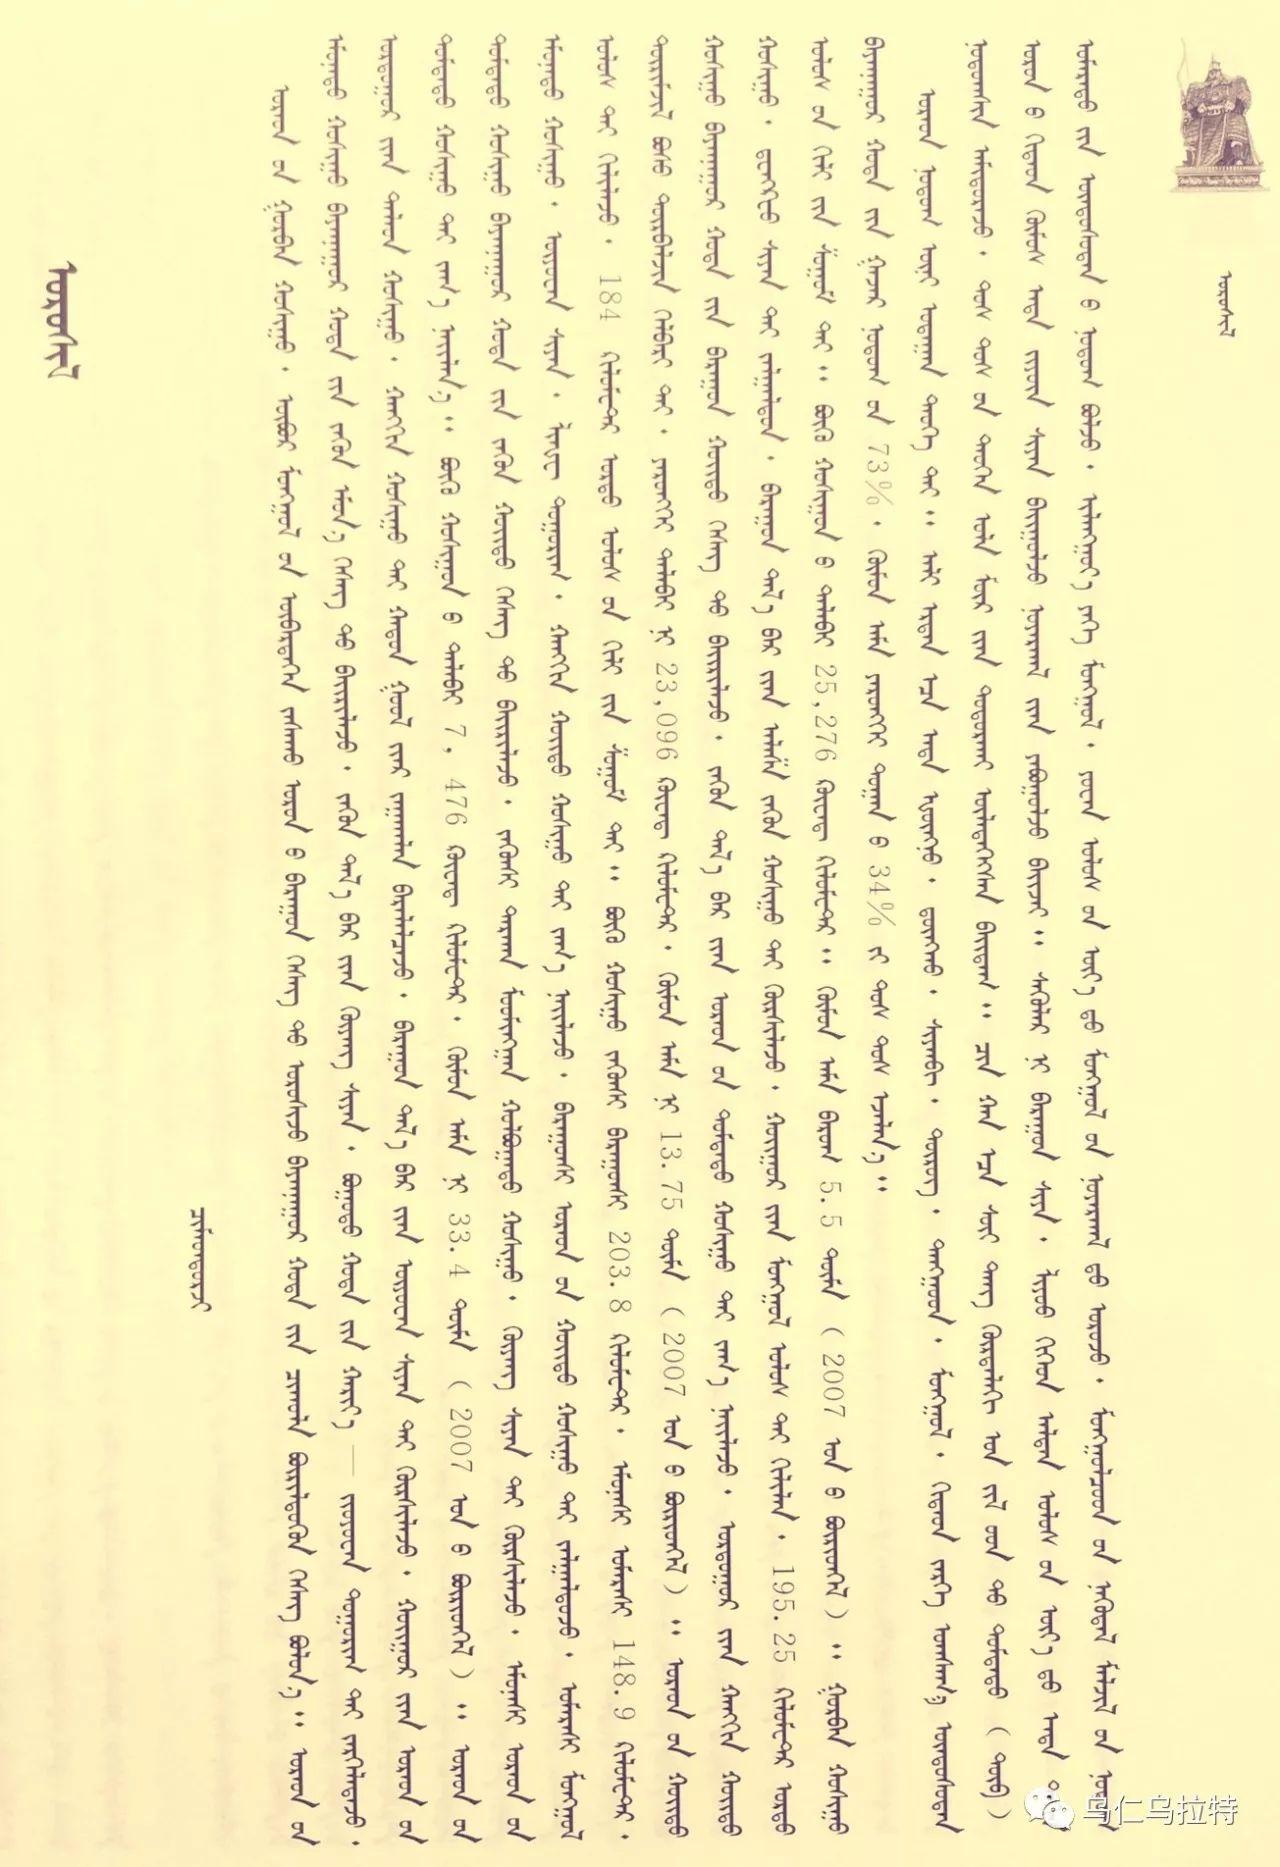 图书介绍《乌拉特历史文化》 第12张